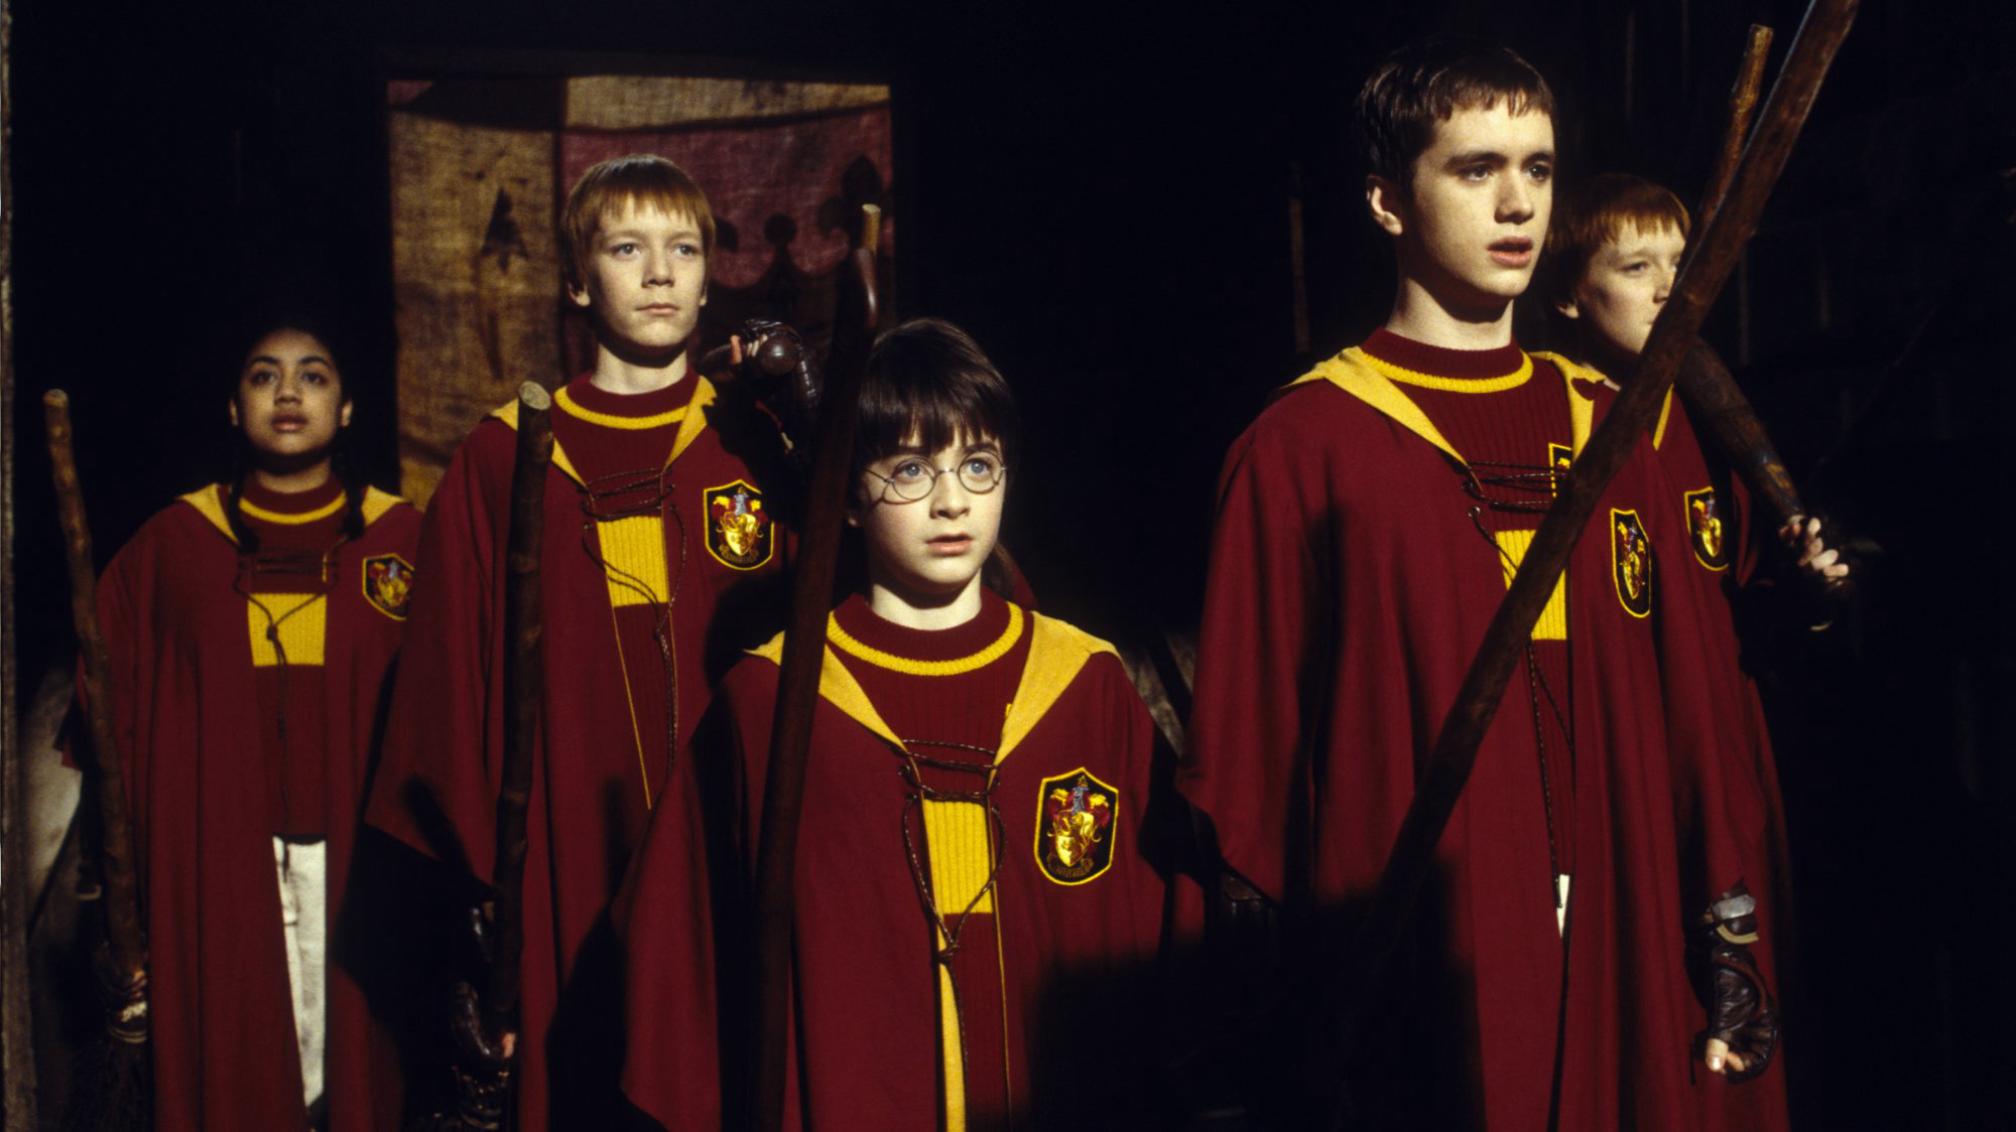 哈利波特:神祕的魔法石劇照 1